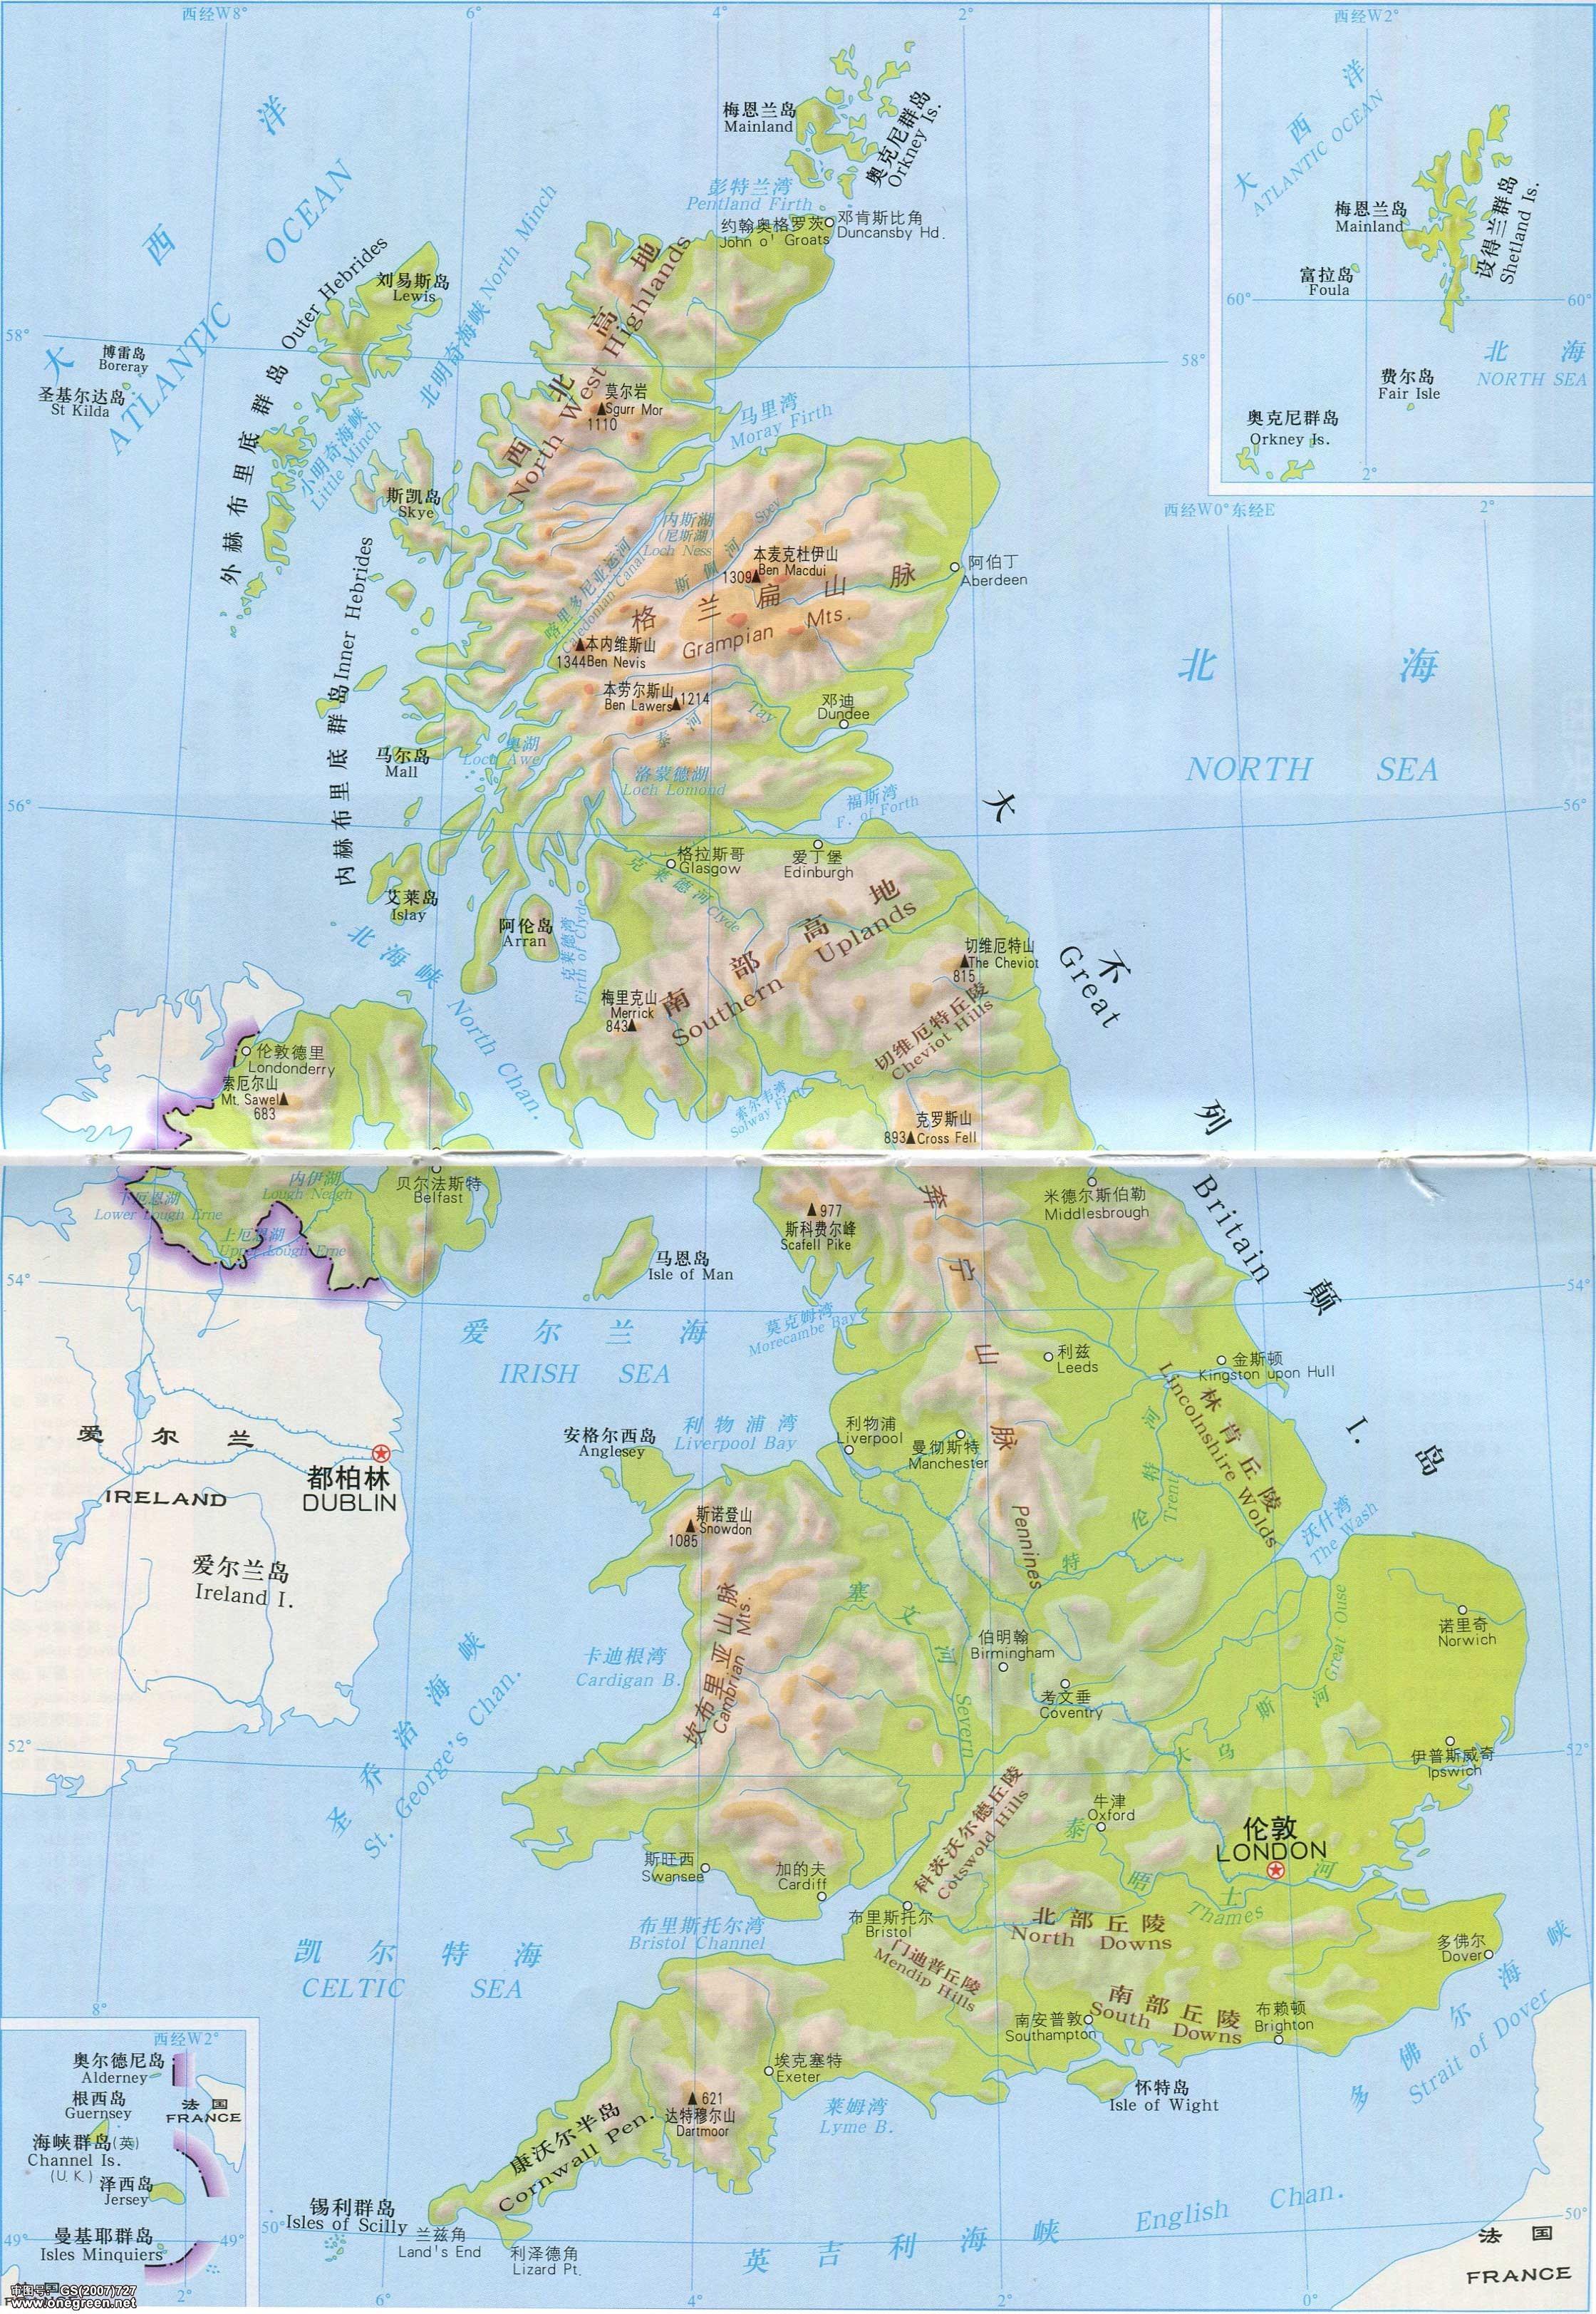 英国地图高清版